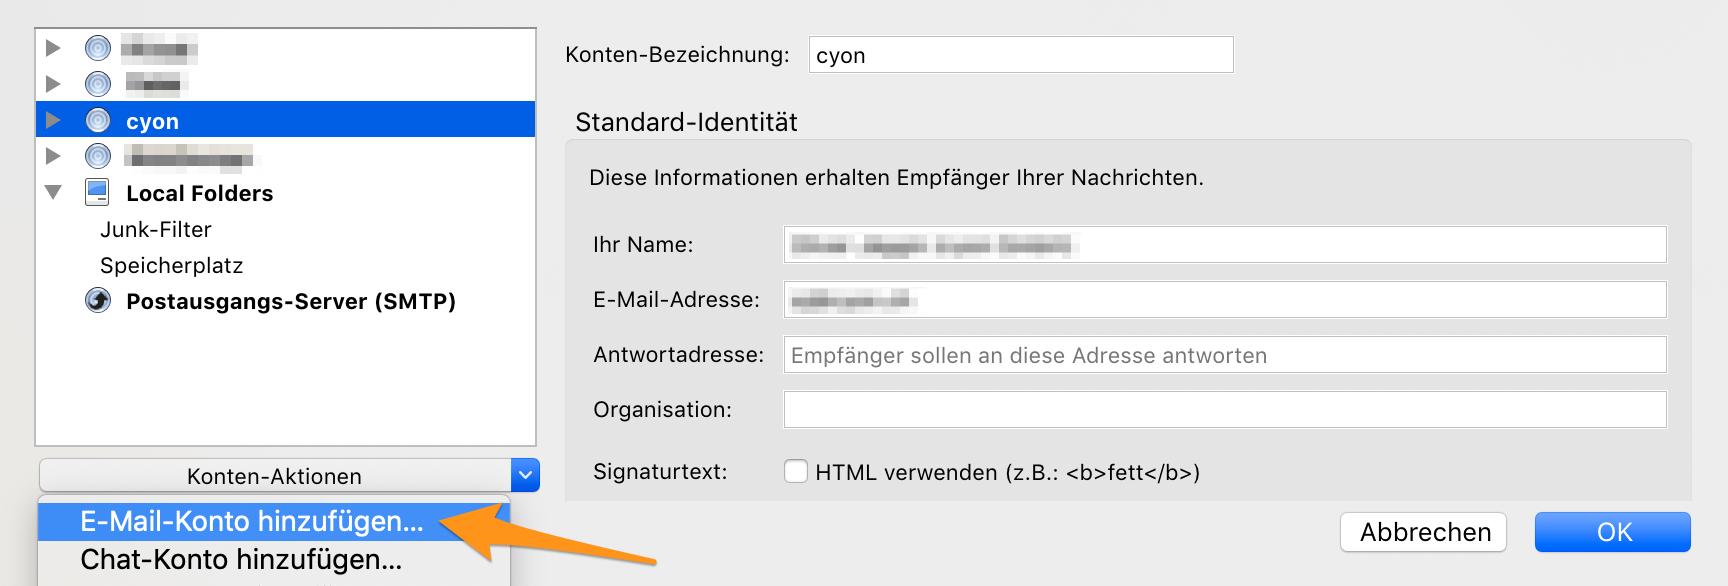 E-Mail-Konto hinzufügen